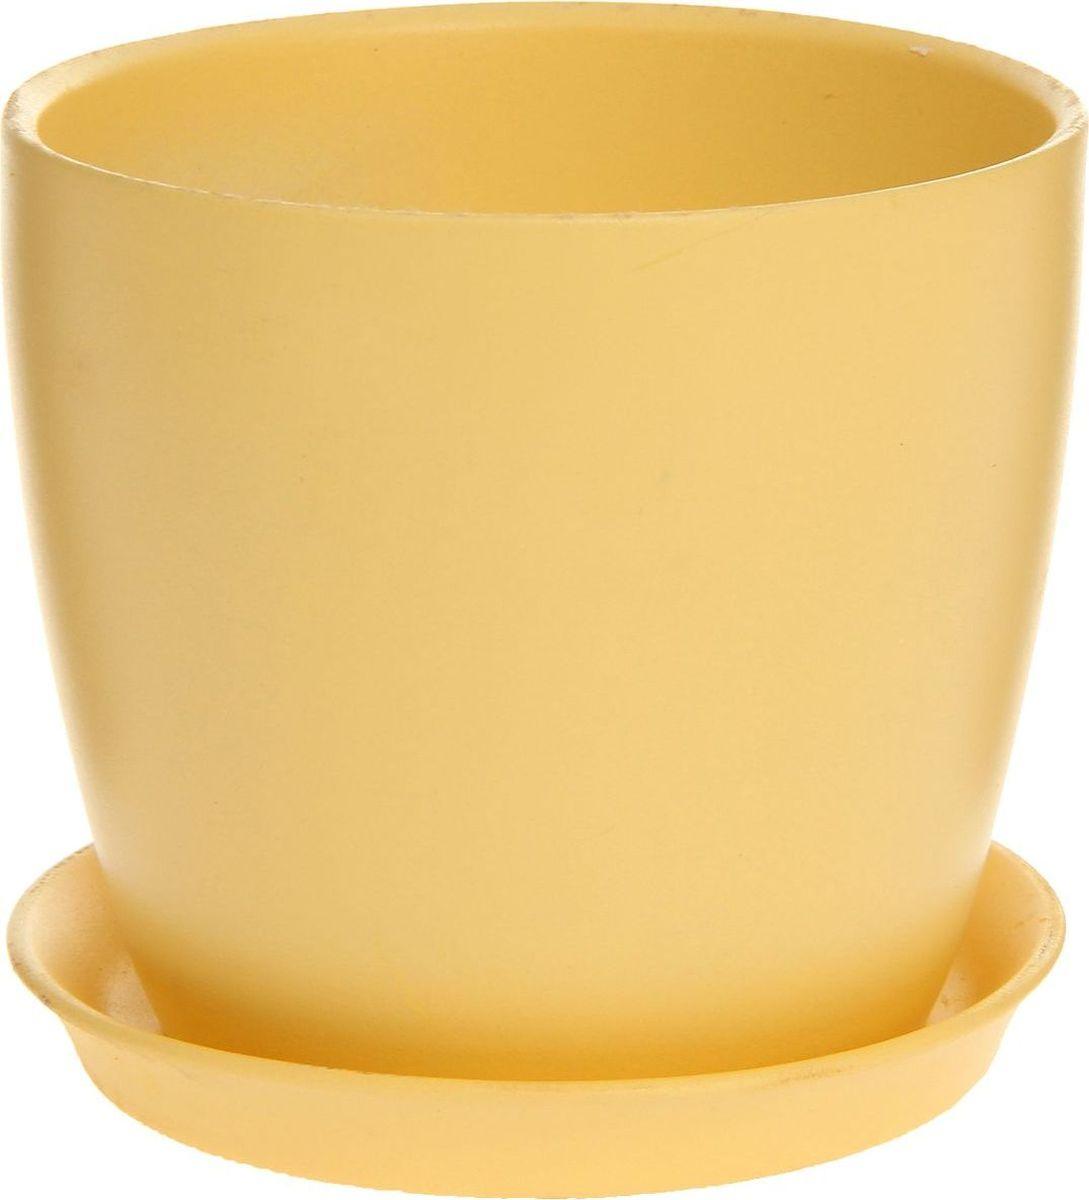 Кашпо Керамика ручной работы Осень. Глянец, цвет: желтый, 2 л43892Комнатные растения — всеобщие любимцы. Они радуют глаз, насыщают помещение кислородом и украшают пространство. Каждому из них необходим свой удобный и красивый дом. Кашпо из керамики прекрасно подходят для высадки растений: за счёт пластичности глины и разных способов обработки существует великое множество форм и дизайновпористый материал позволяет испаряться лишней влагевоздух, необходимый для дыхания корней, проникает сквозь керамические стенки! #name# позаботится о зелёном питомце, освежит интерьер и подчеркнёт его стиль.